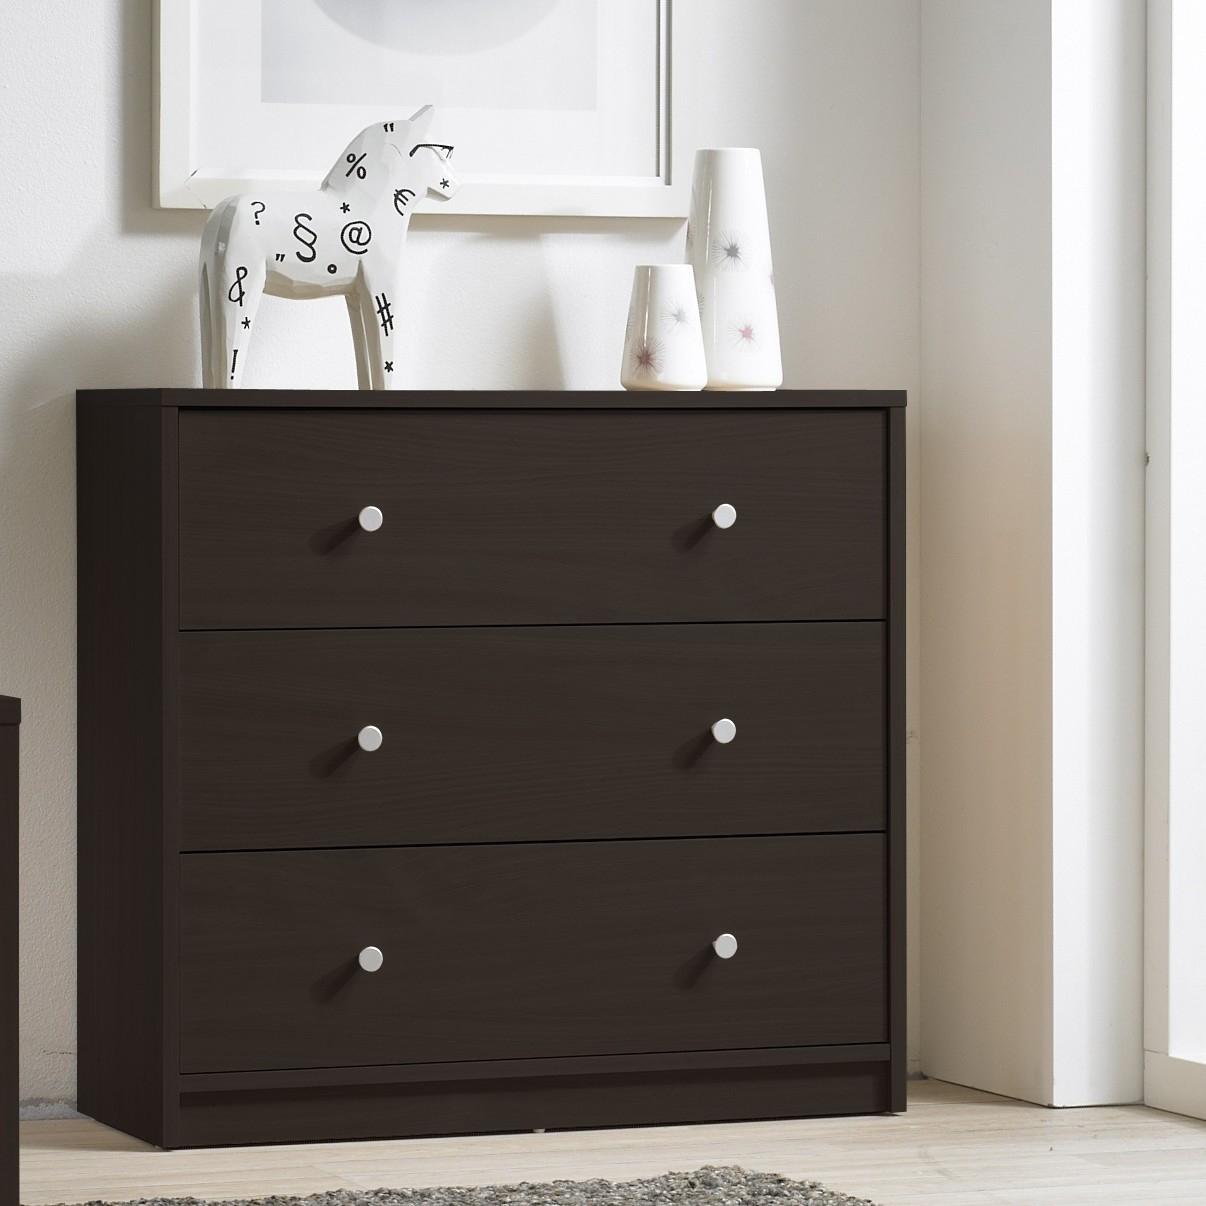 modern 3-drawer chest bedroom bureau in dark brown wood finish